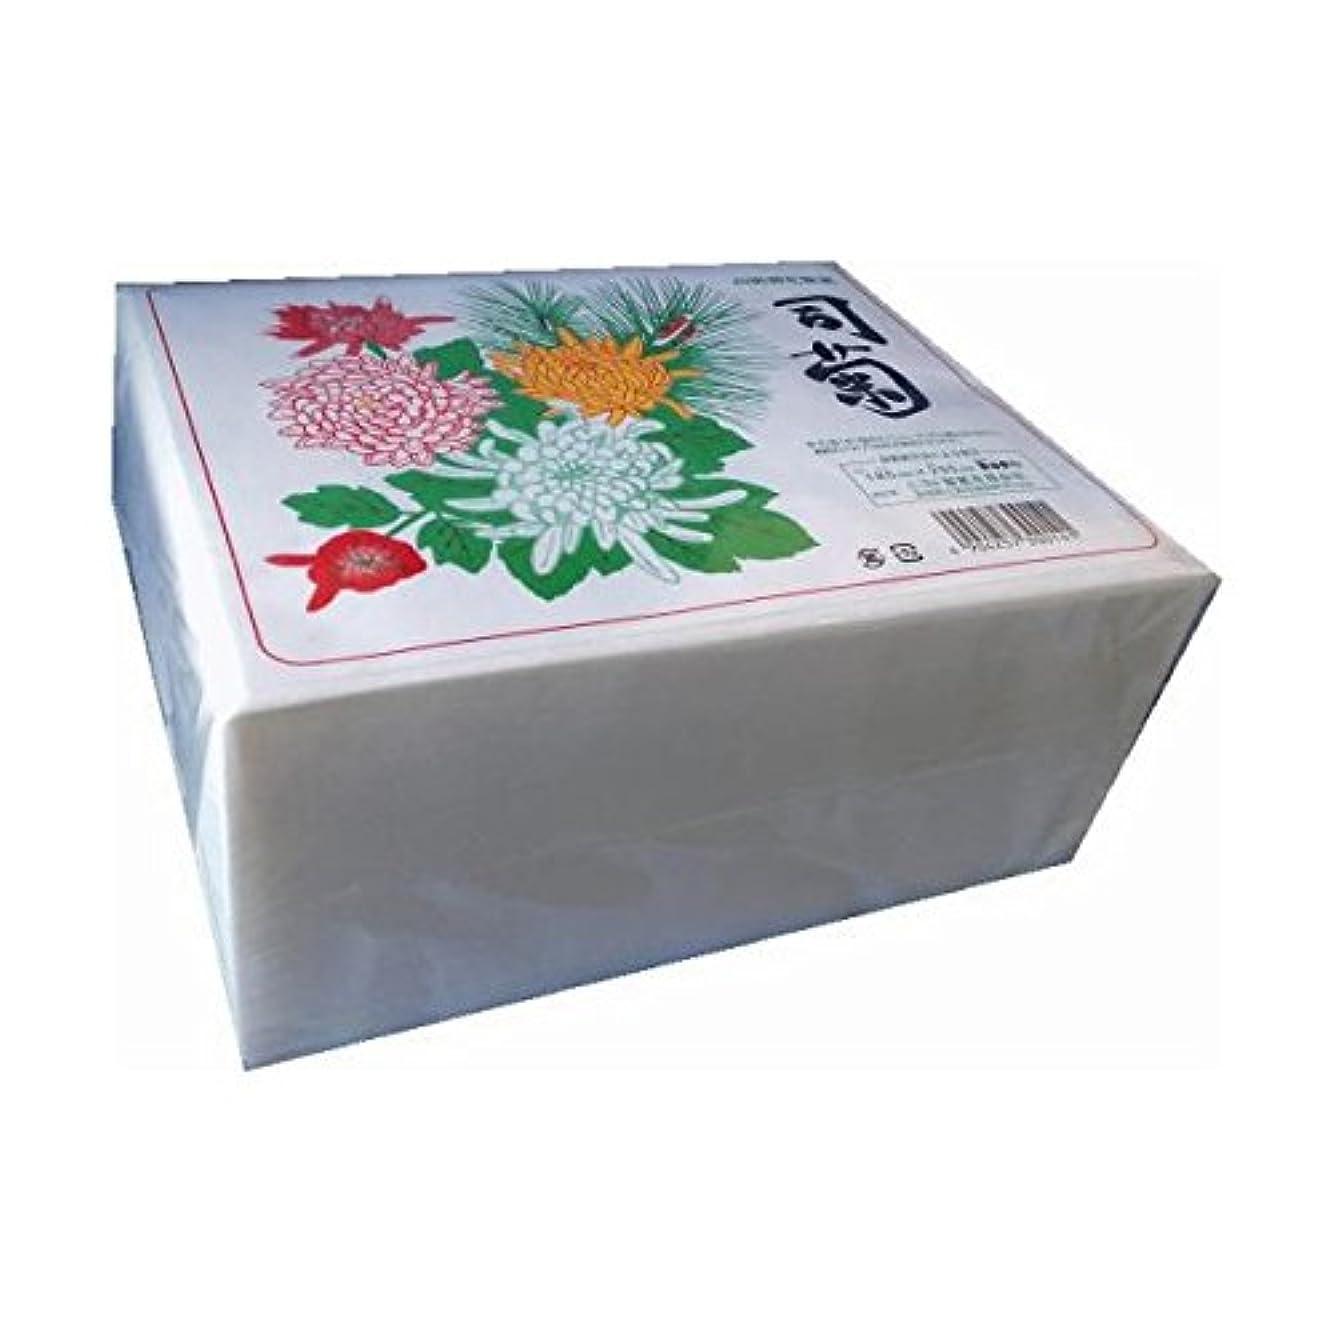 ウェブうぬぼれた方向ニヨド製紙:高級御化粧紙 司菊 800枚 5個 4904257300141b